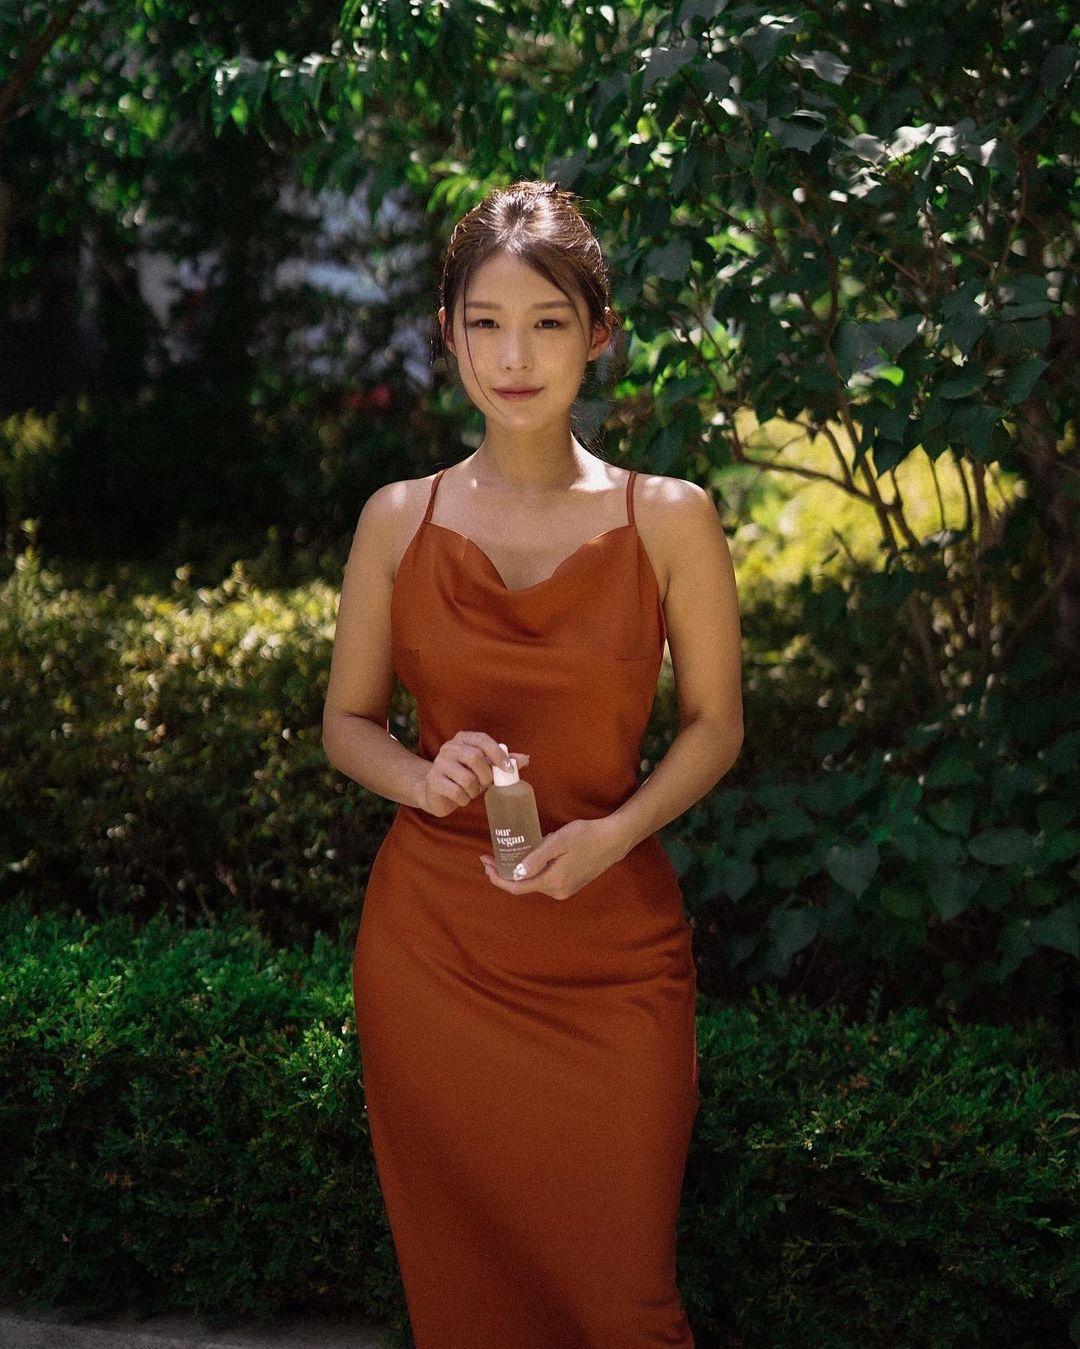 韩国高尔夫正妹Becky 狂吸 33 万粉丝好身材更让人心动 养眼图片 第23张